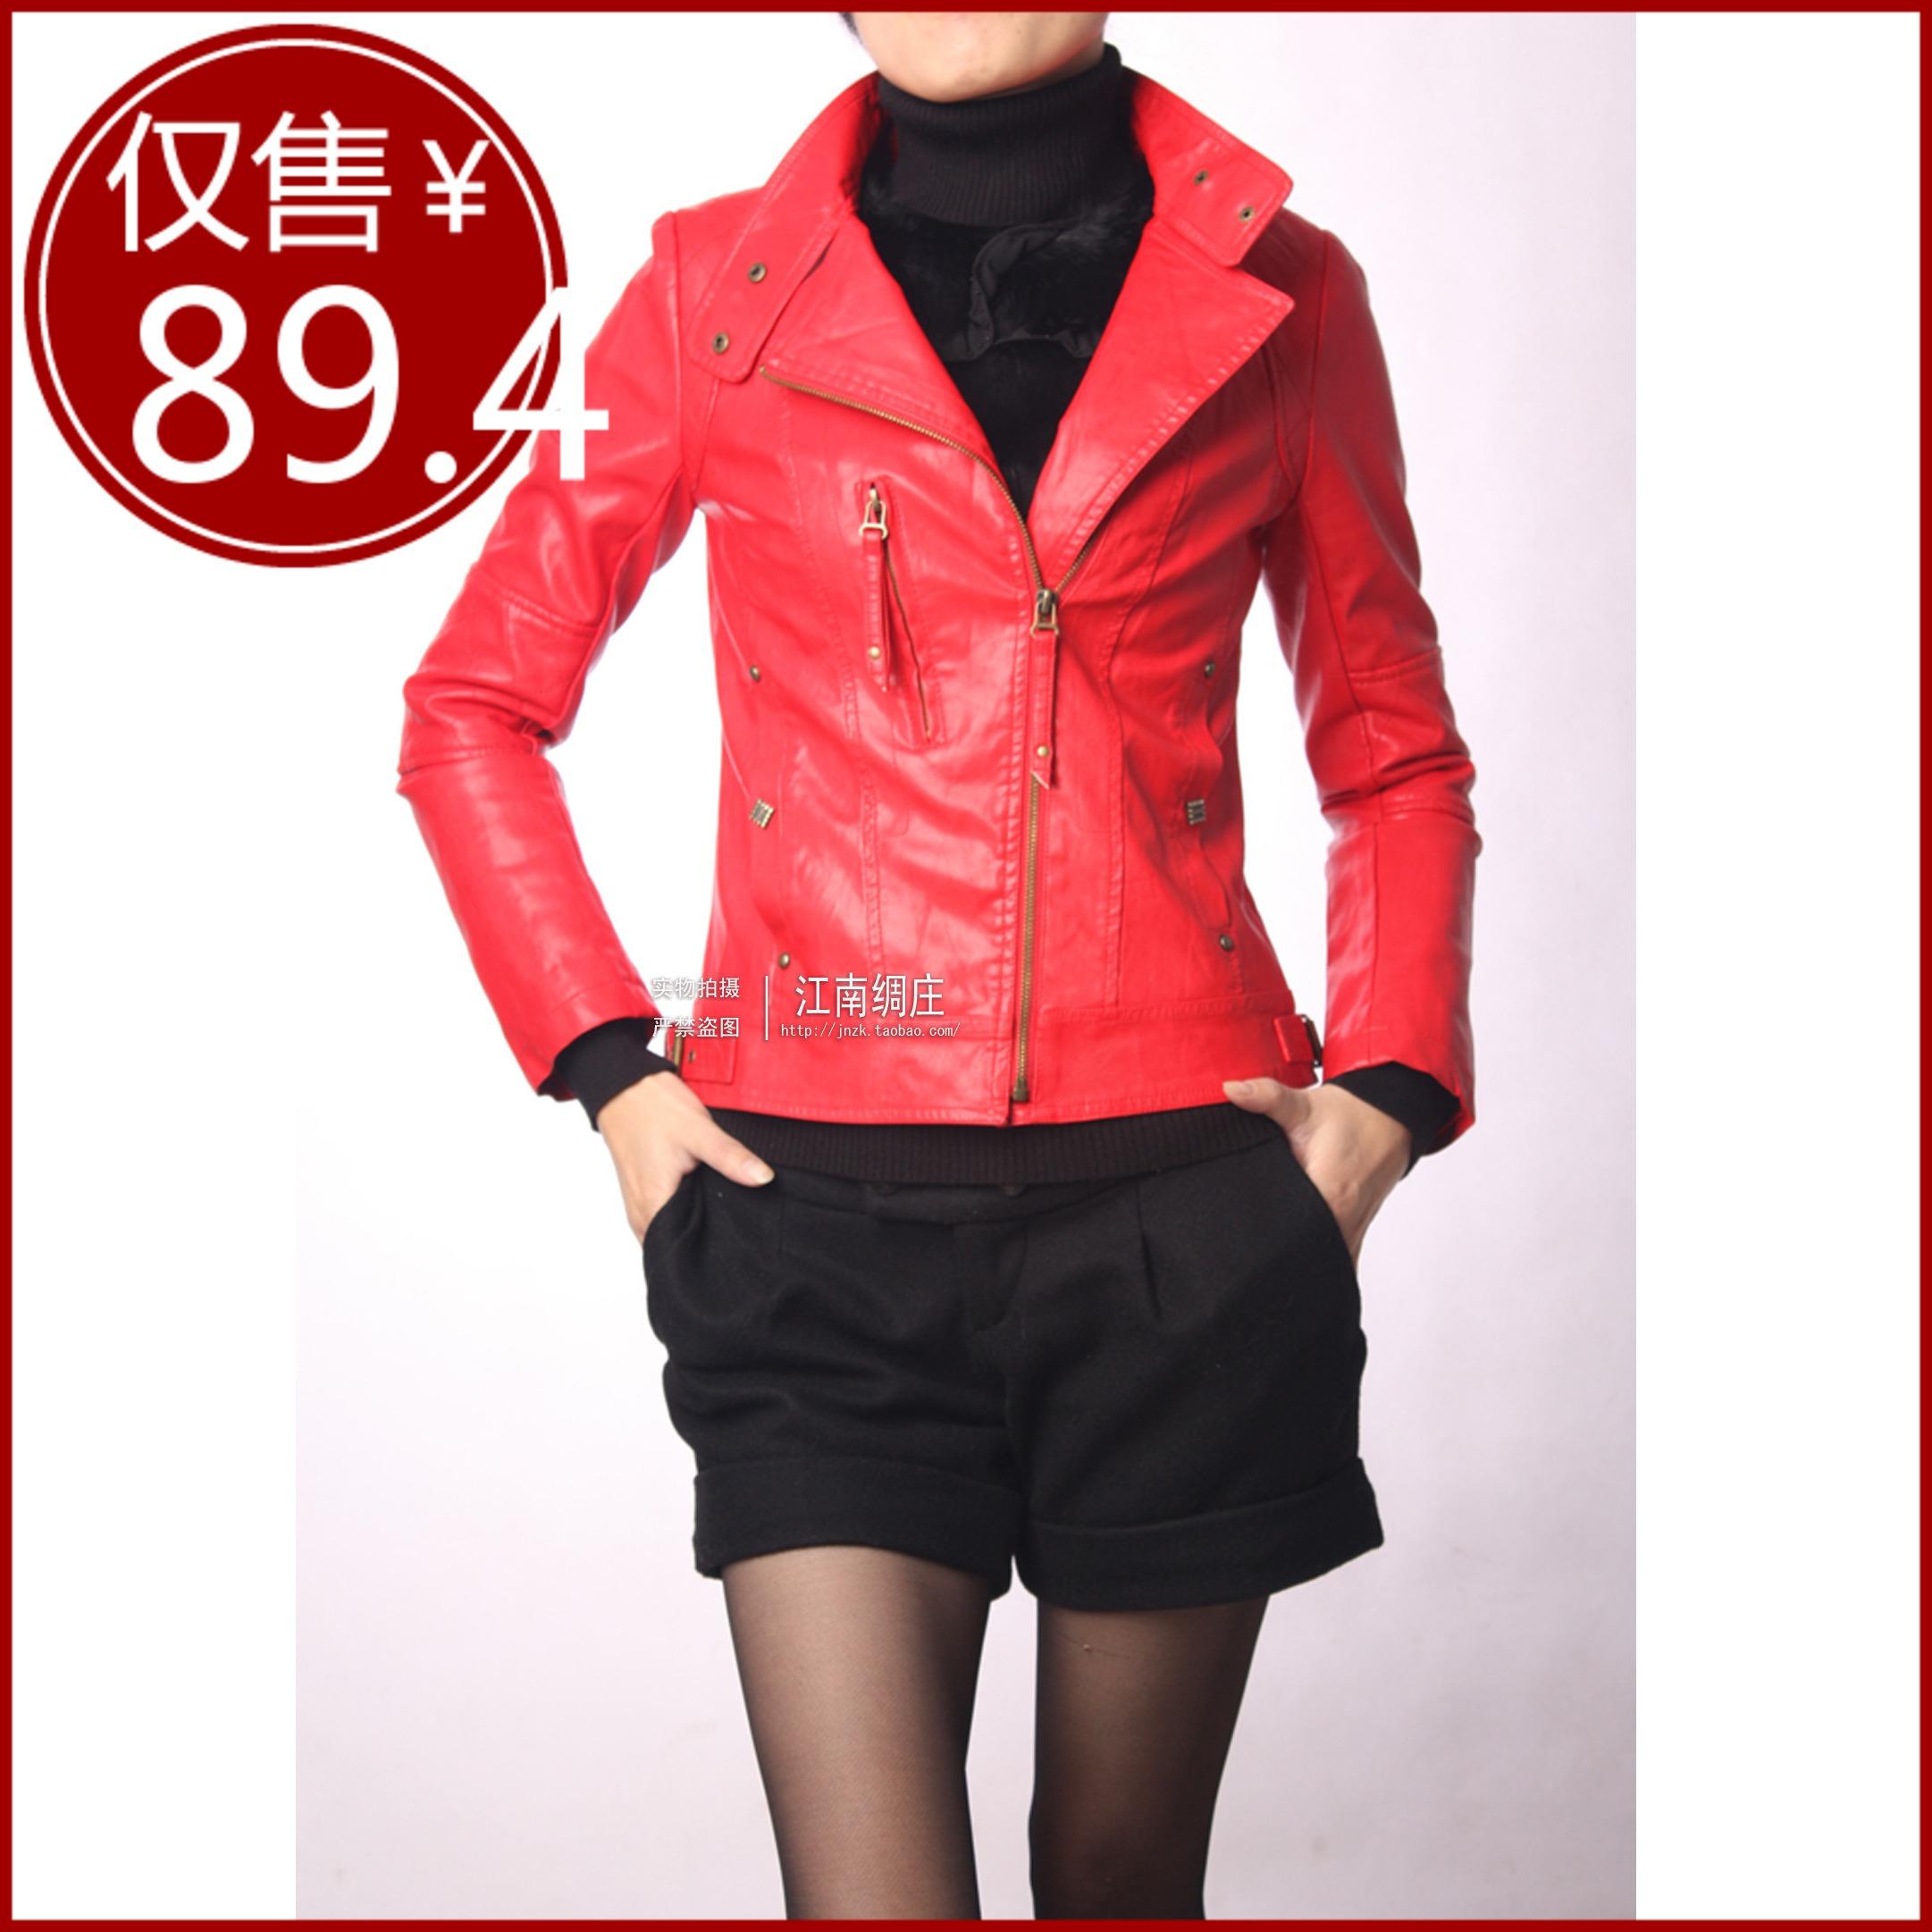 Кожаная куртка  104a217 PU 50